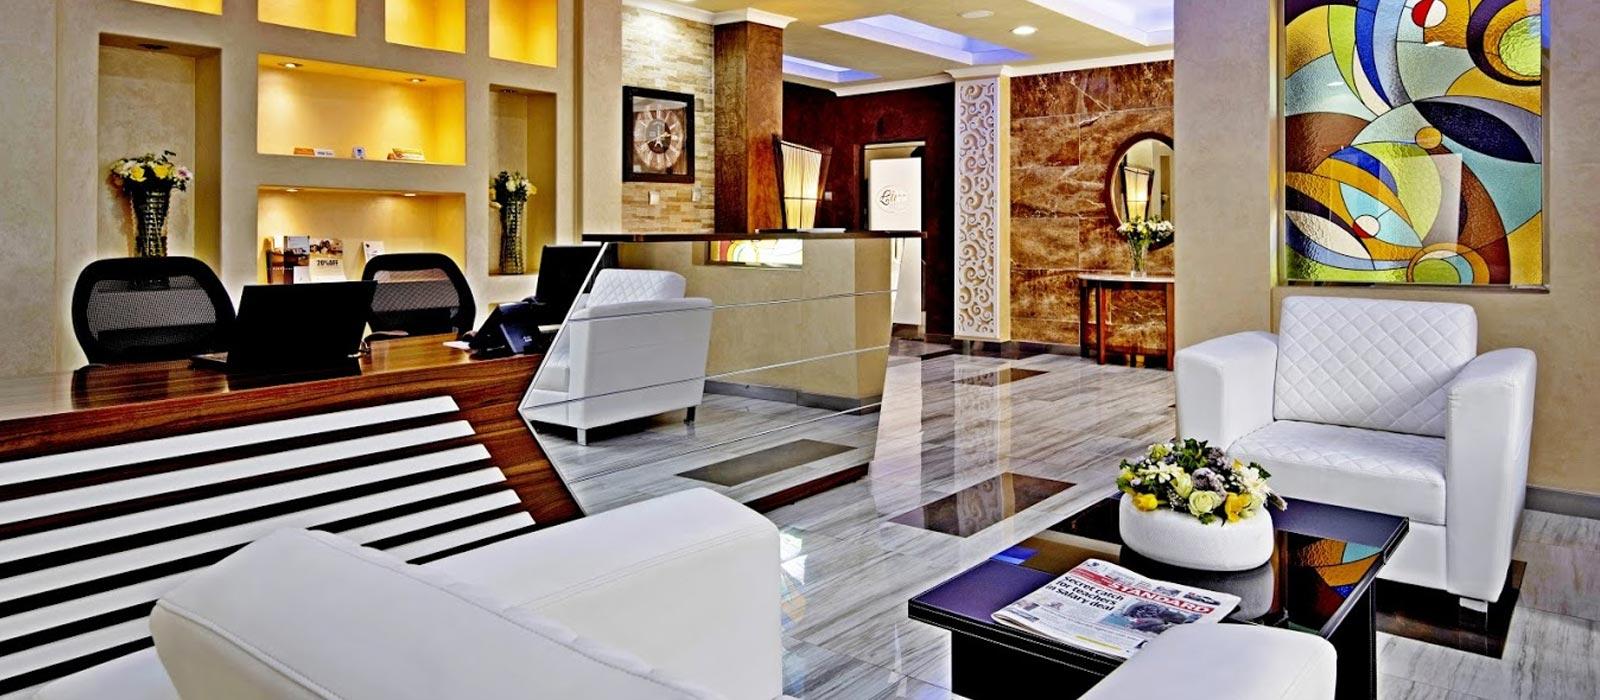 Gramo Suites Hotel Apartments – E-concierge